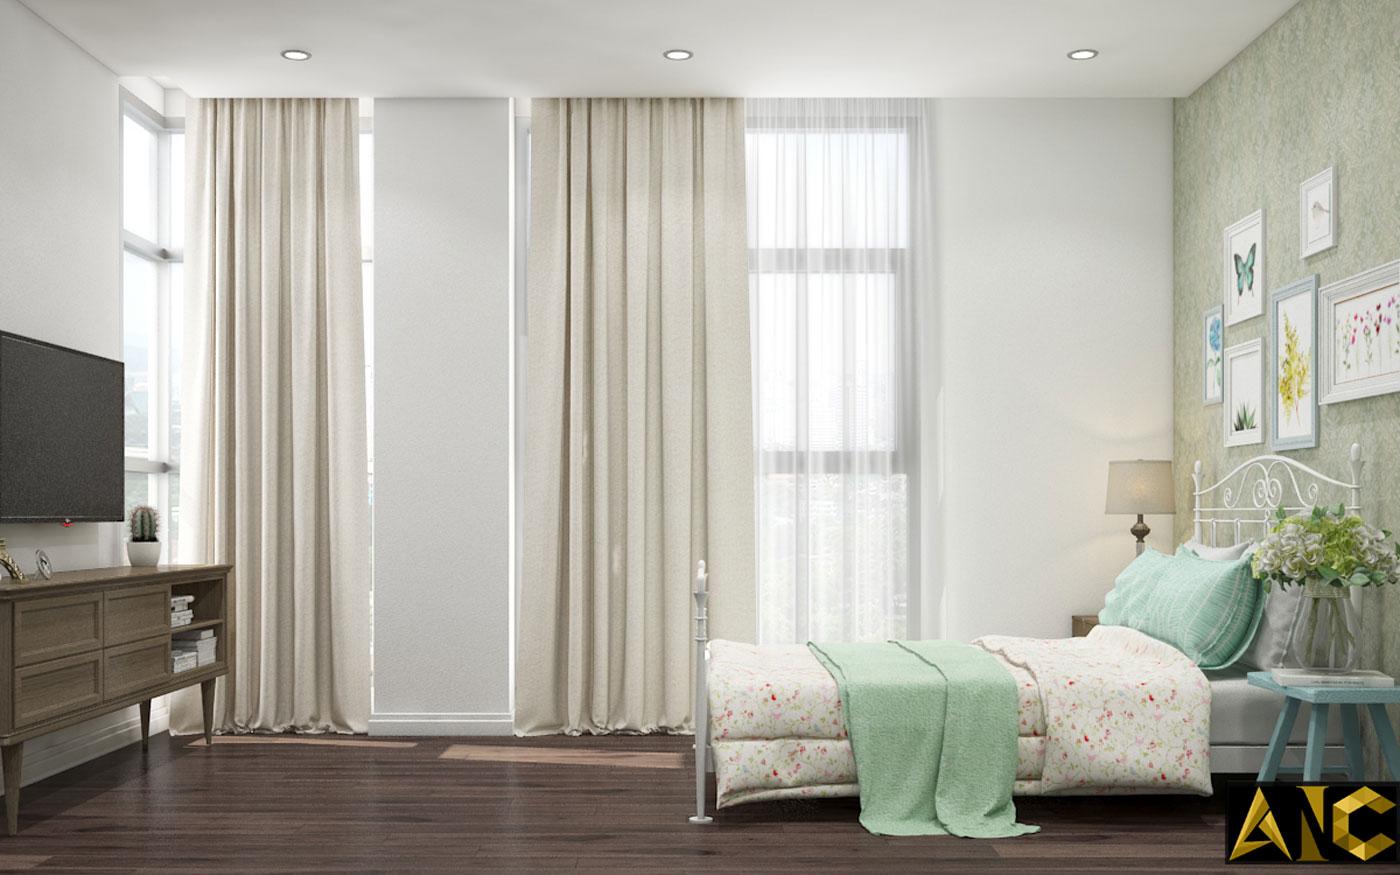 Thiết kế thi công nội thất: Penhouse City Plaza phòng ngủ nhỏ view 2